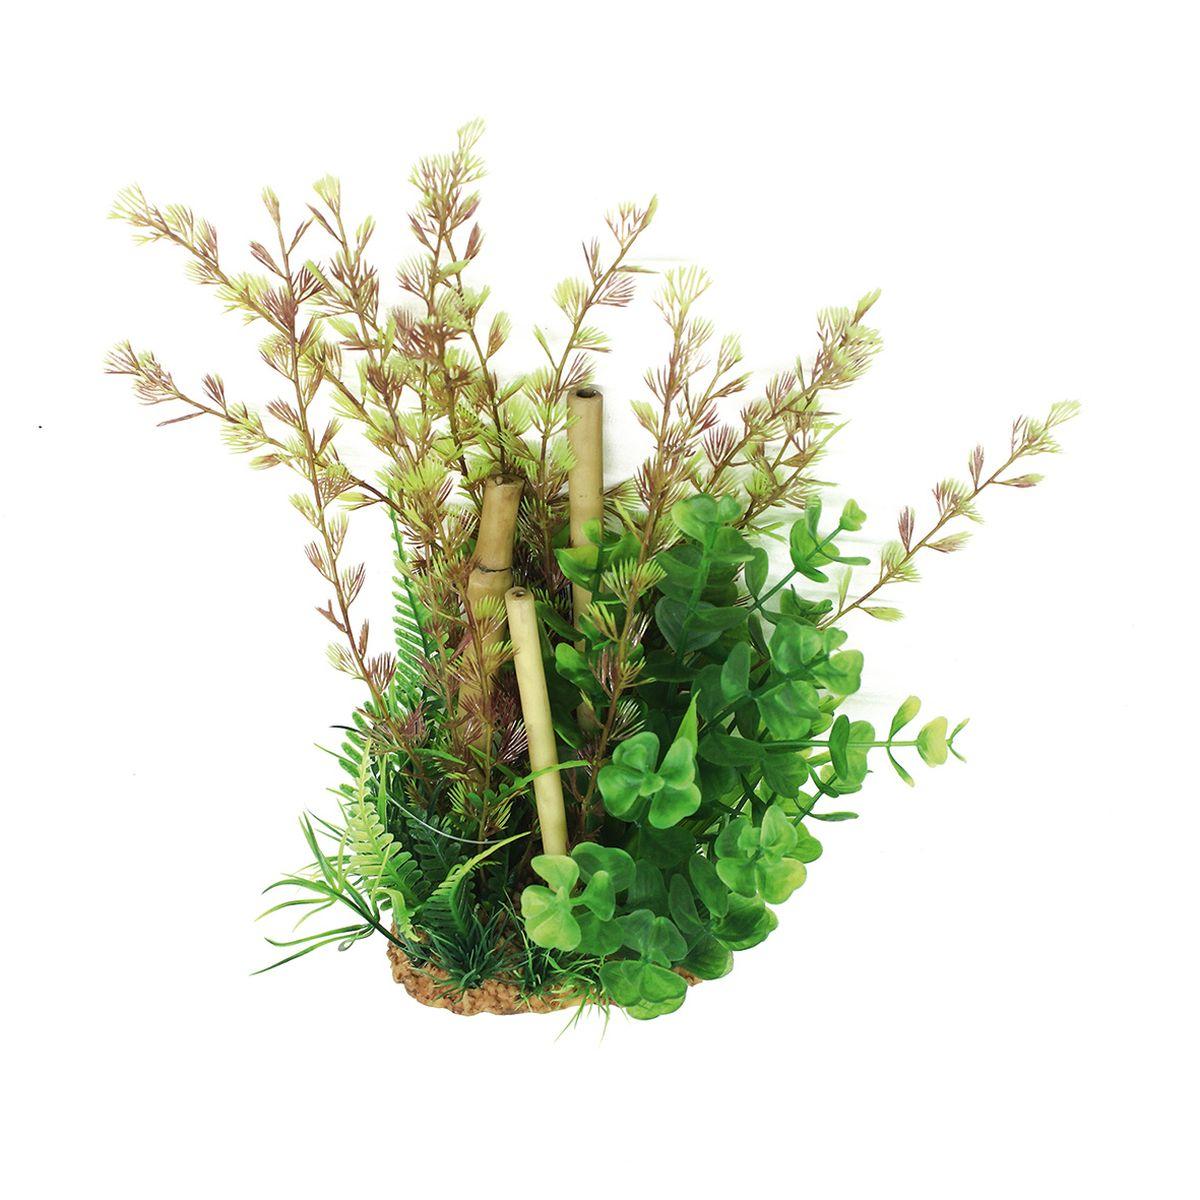 Композиция из растений для аквариума ArtUniq Кабомба с бамбуком, высота 20 смART-1160512Композиция из растений для аквариума ArtUniq Кабомба с бамбуком, высота 20 см